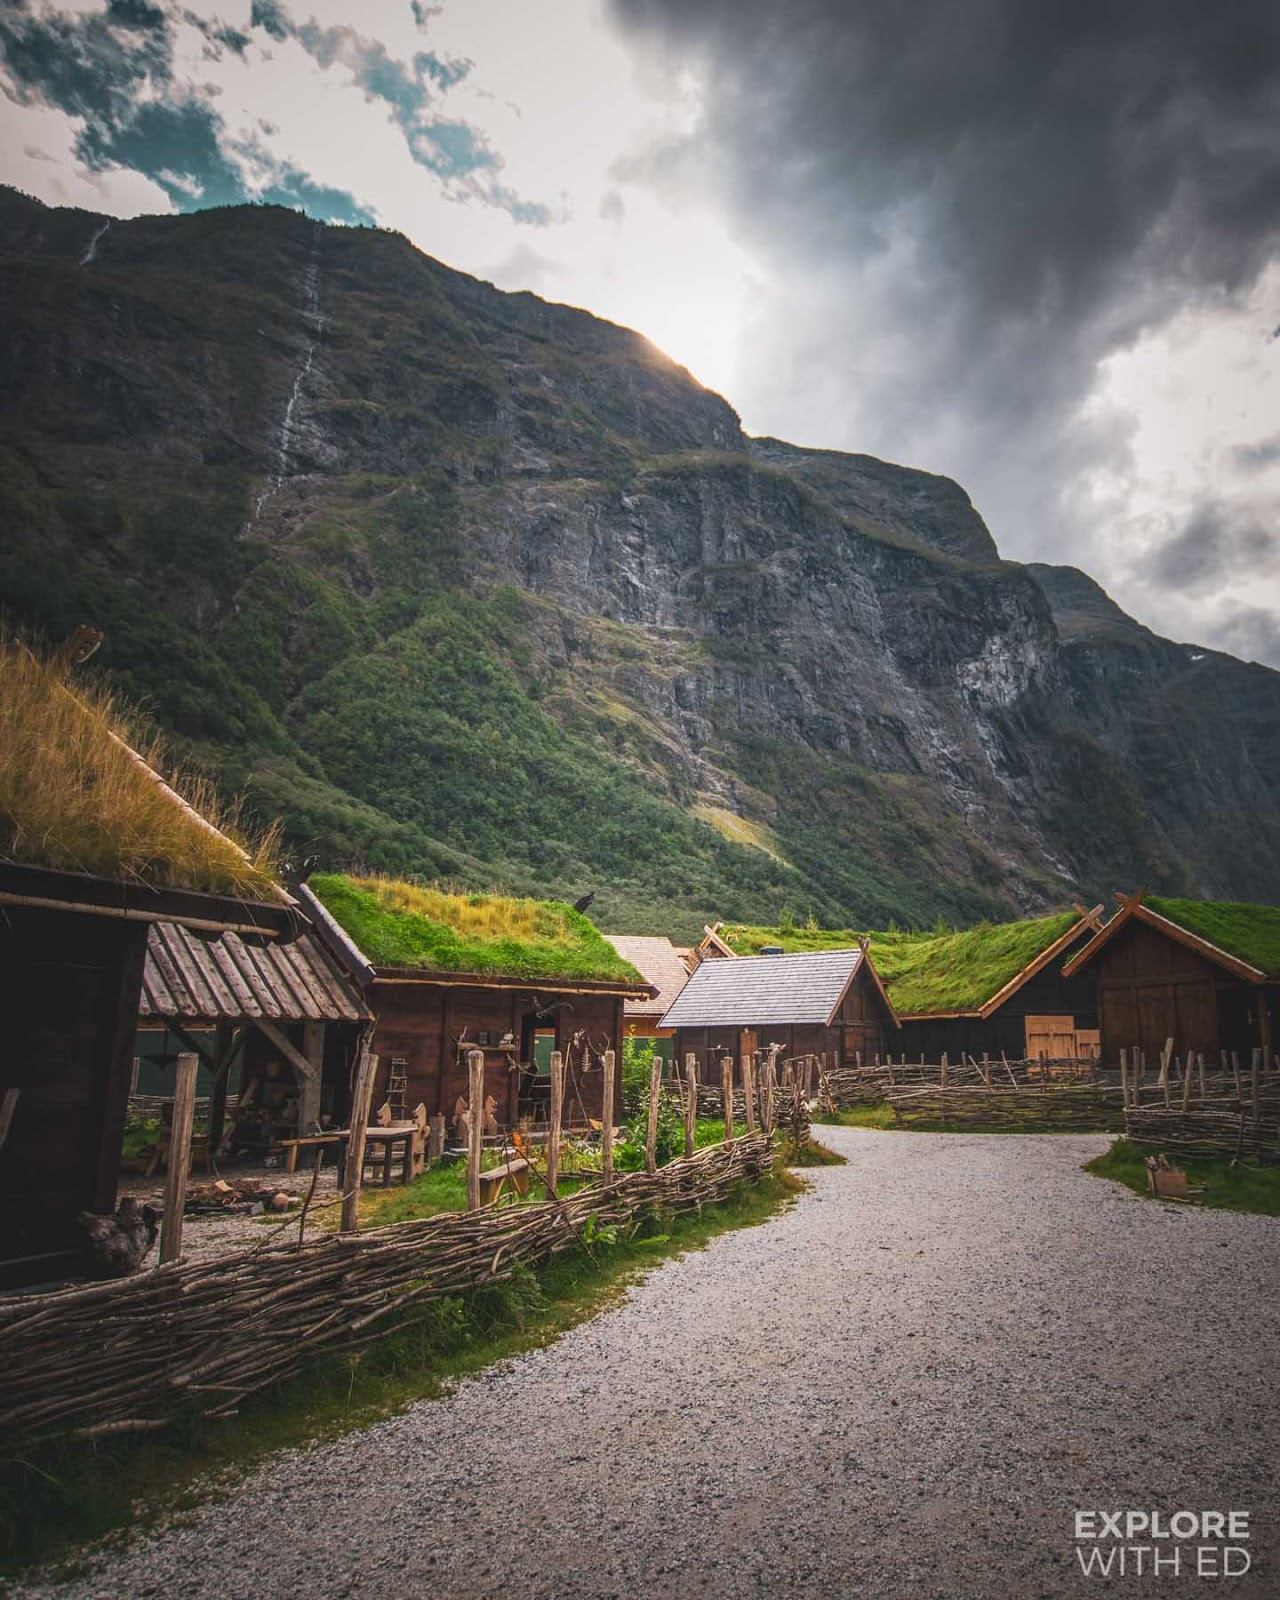 Njardarheimr Viking Valley town